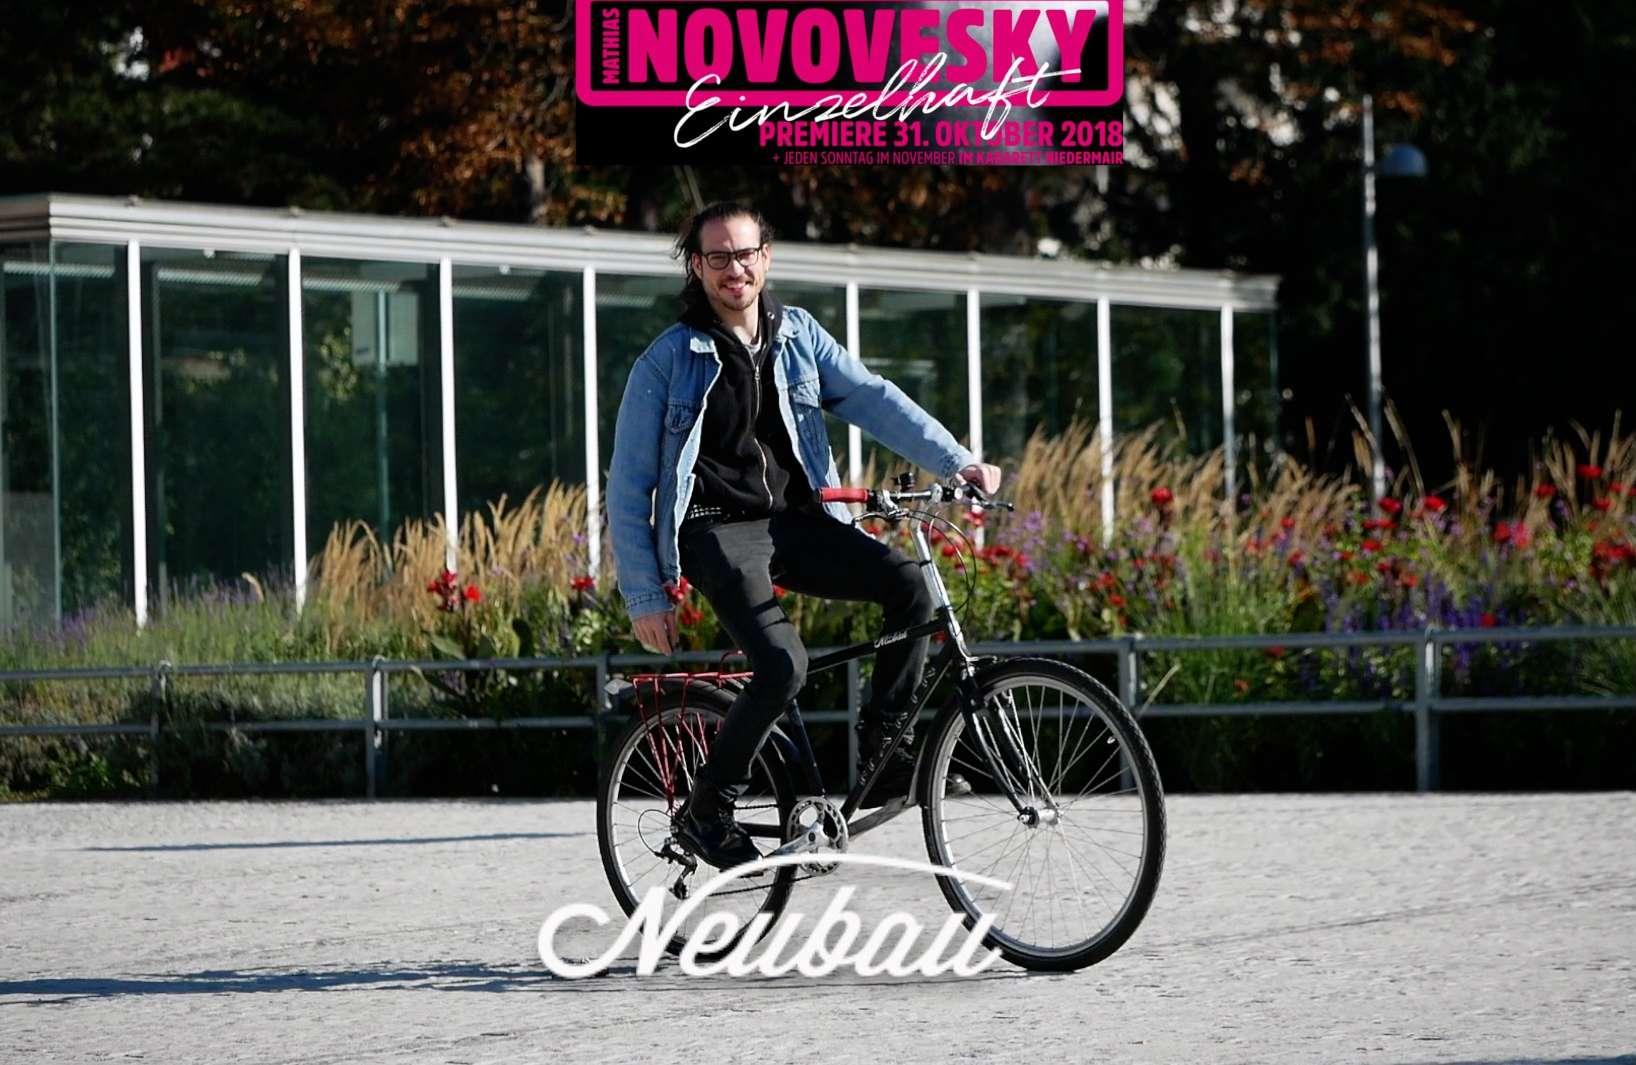 Novovesky Bild e1539175200308 - Mathias Novovesky - Einzelhaft. Teilen und Platz gewinnen!